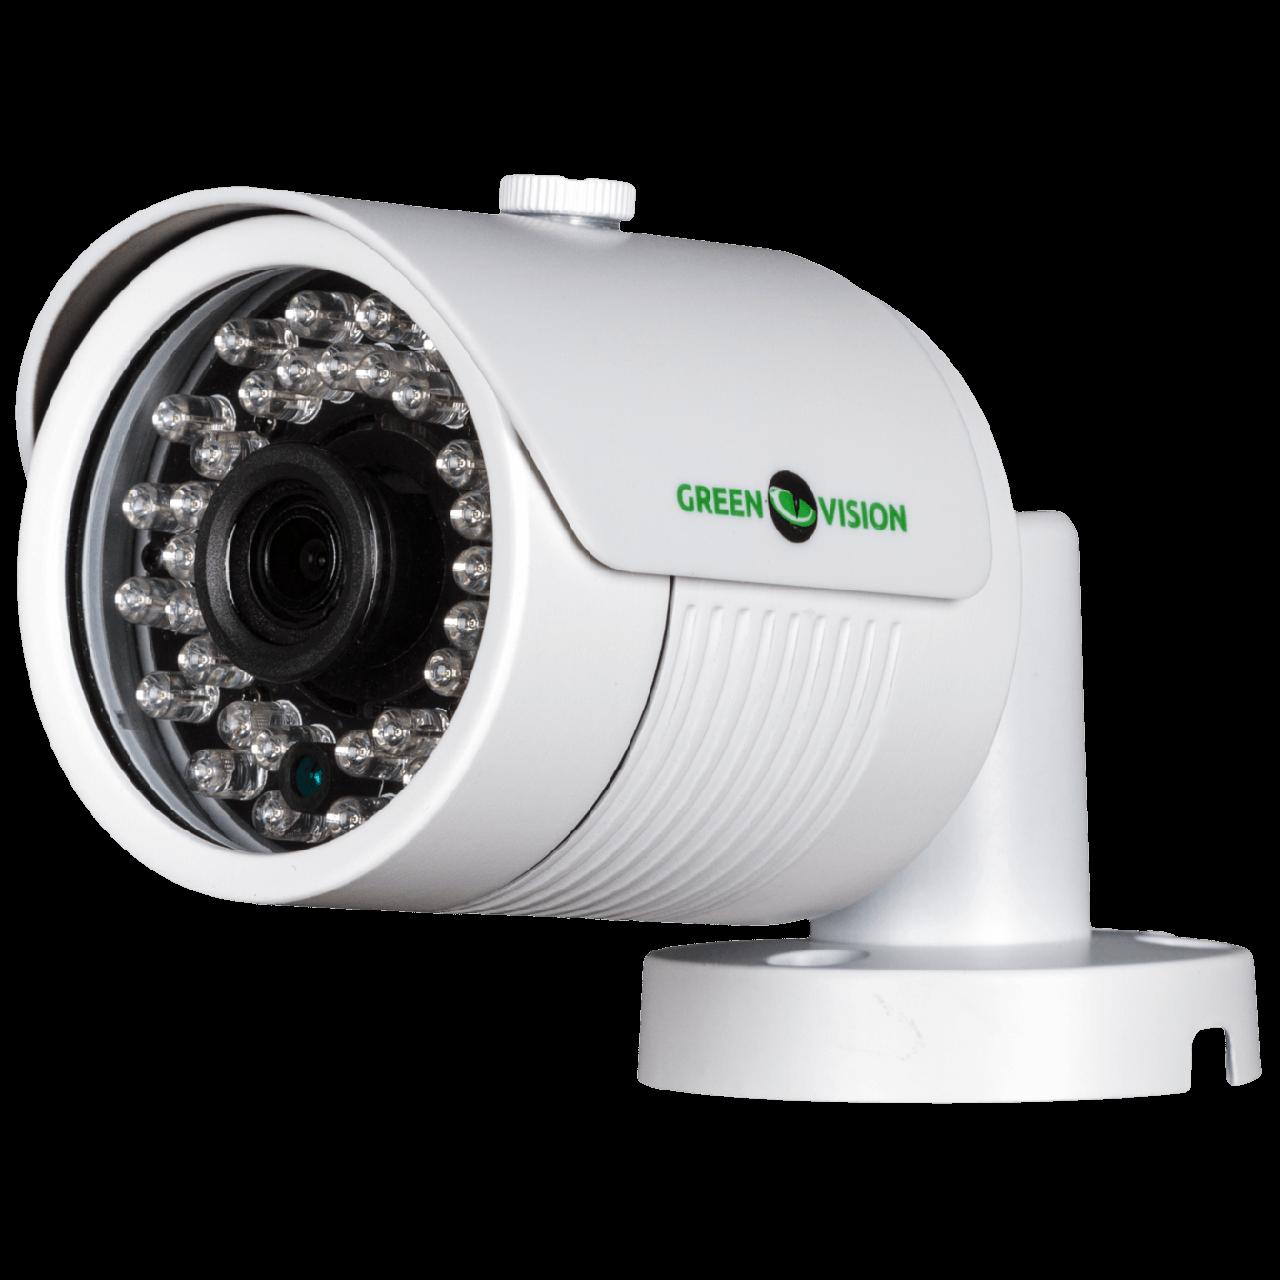 Камера зовнішня IP Green Vision GV-058-IP-E-COS30-30 1536P